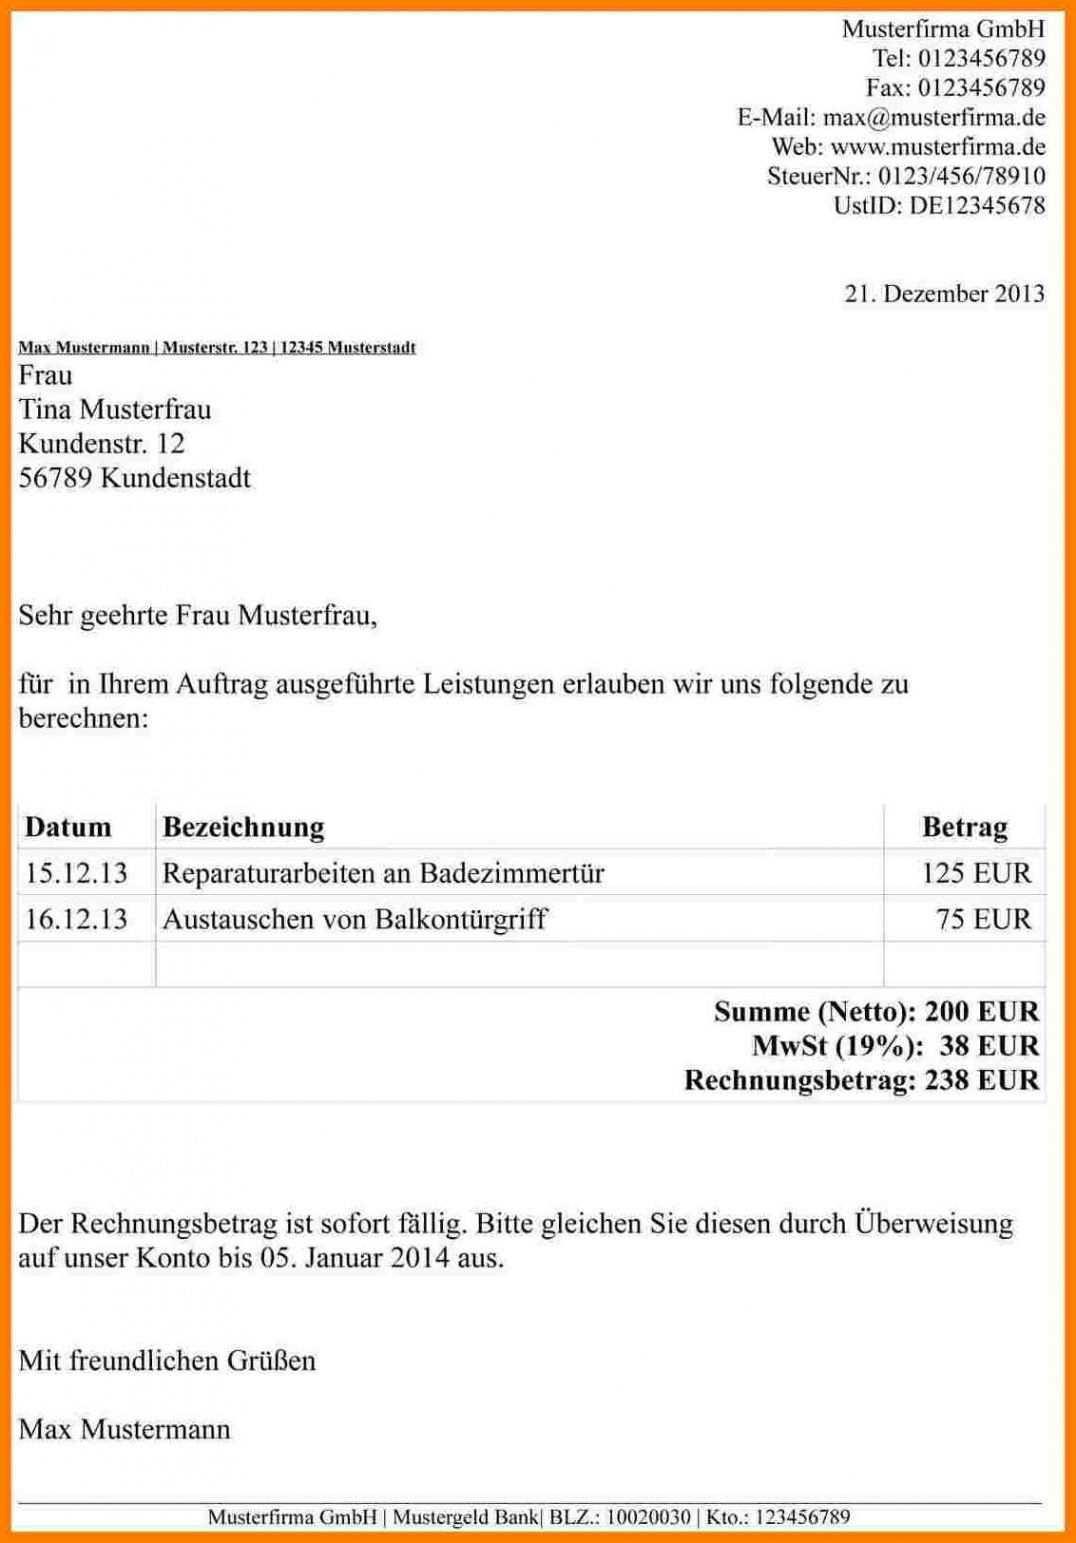 Blattern Unsere Das Beispiel Von Coaching Rechnung Vorlage Rechnung Vorlage Vorlagen Word Rechnungsvorlage